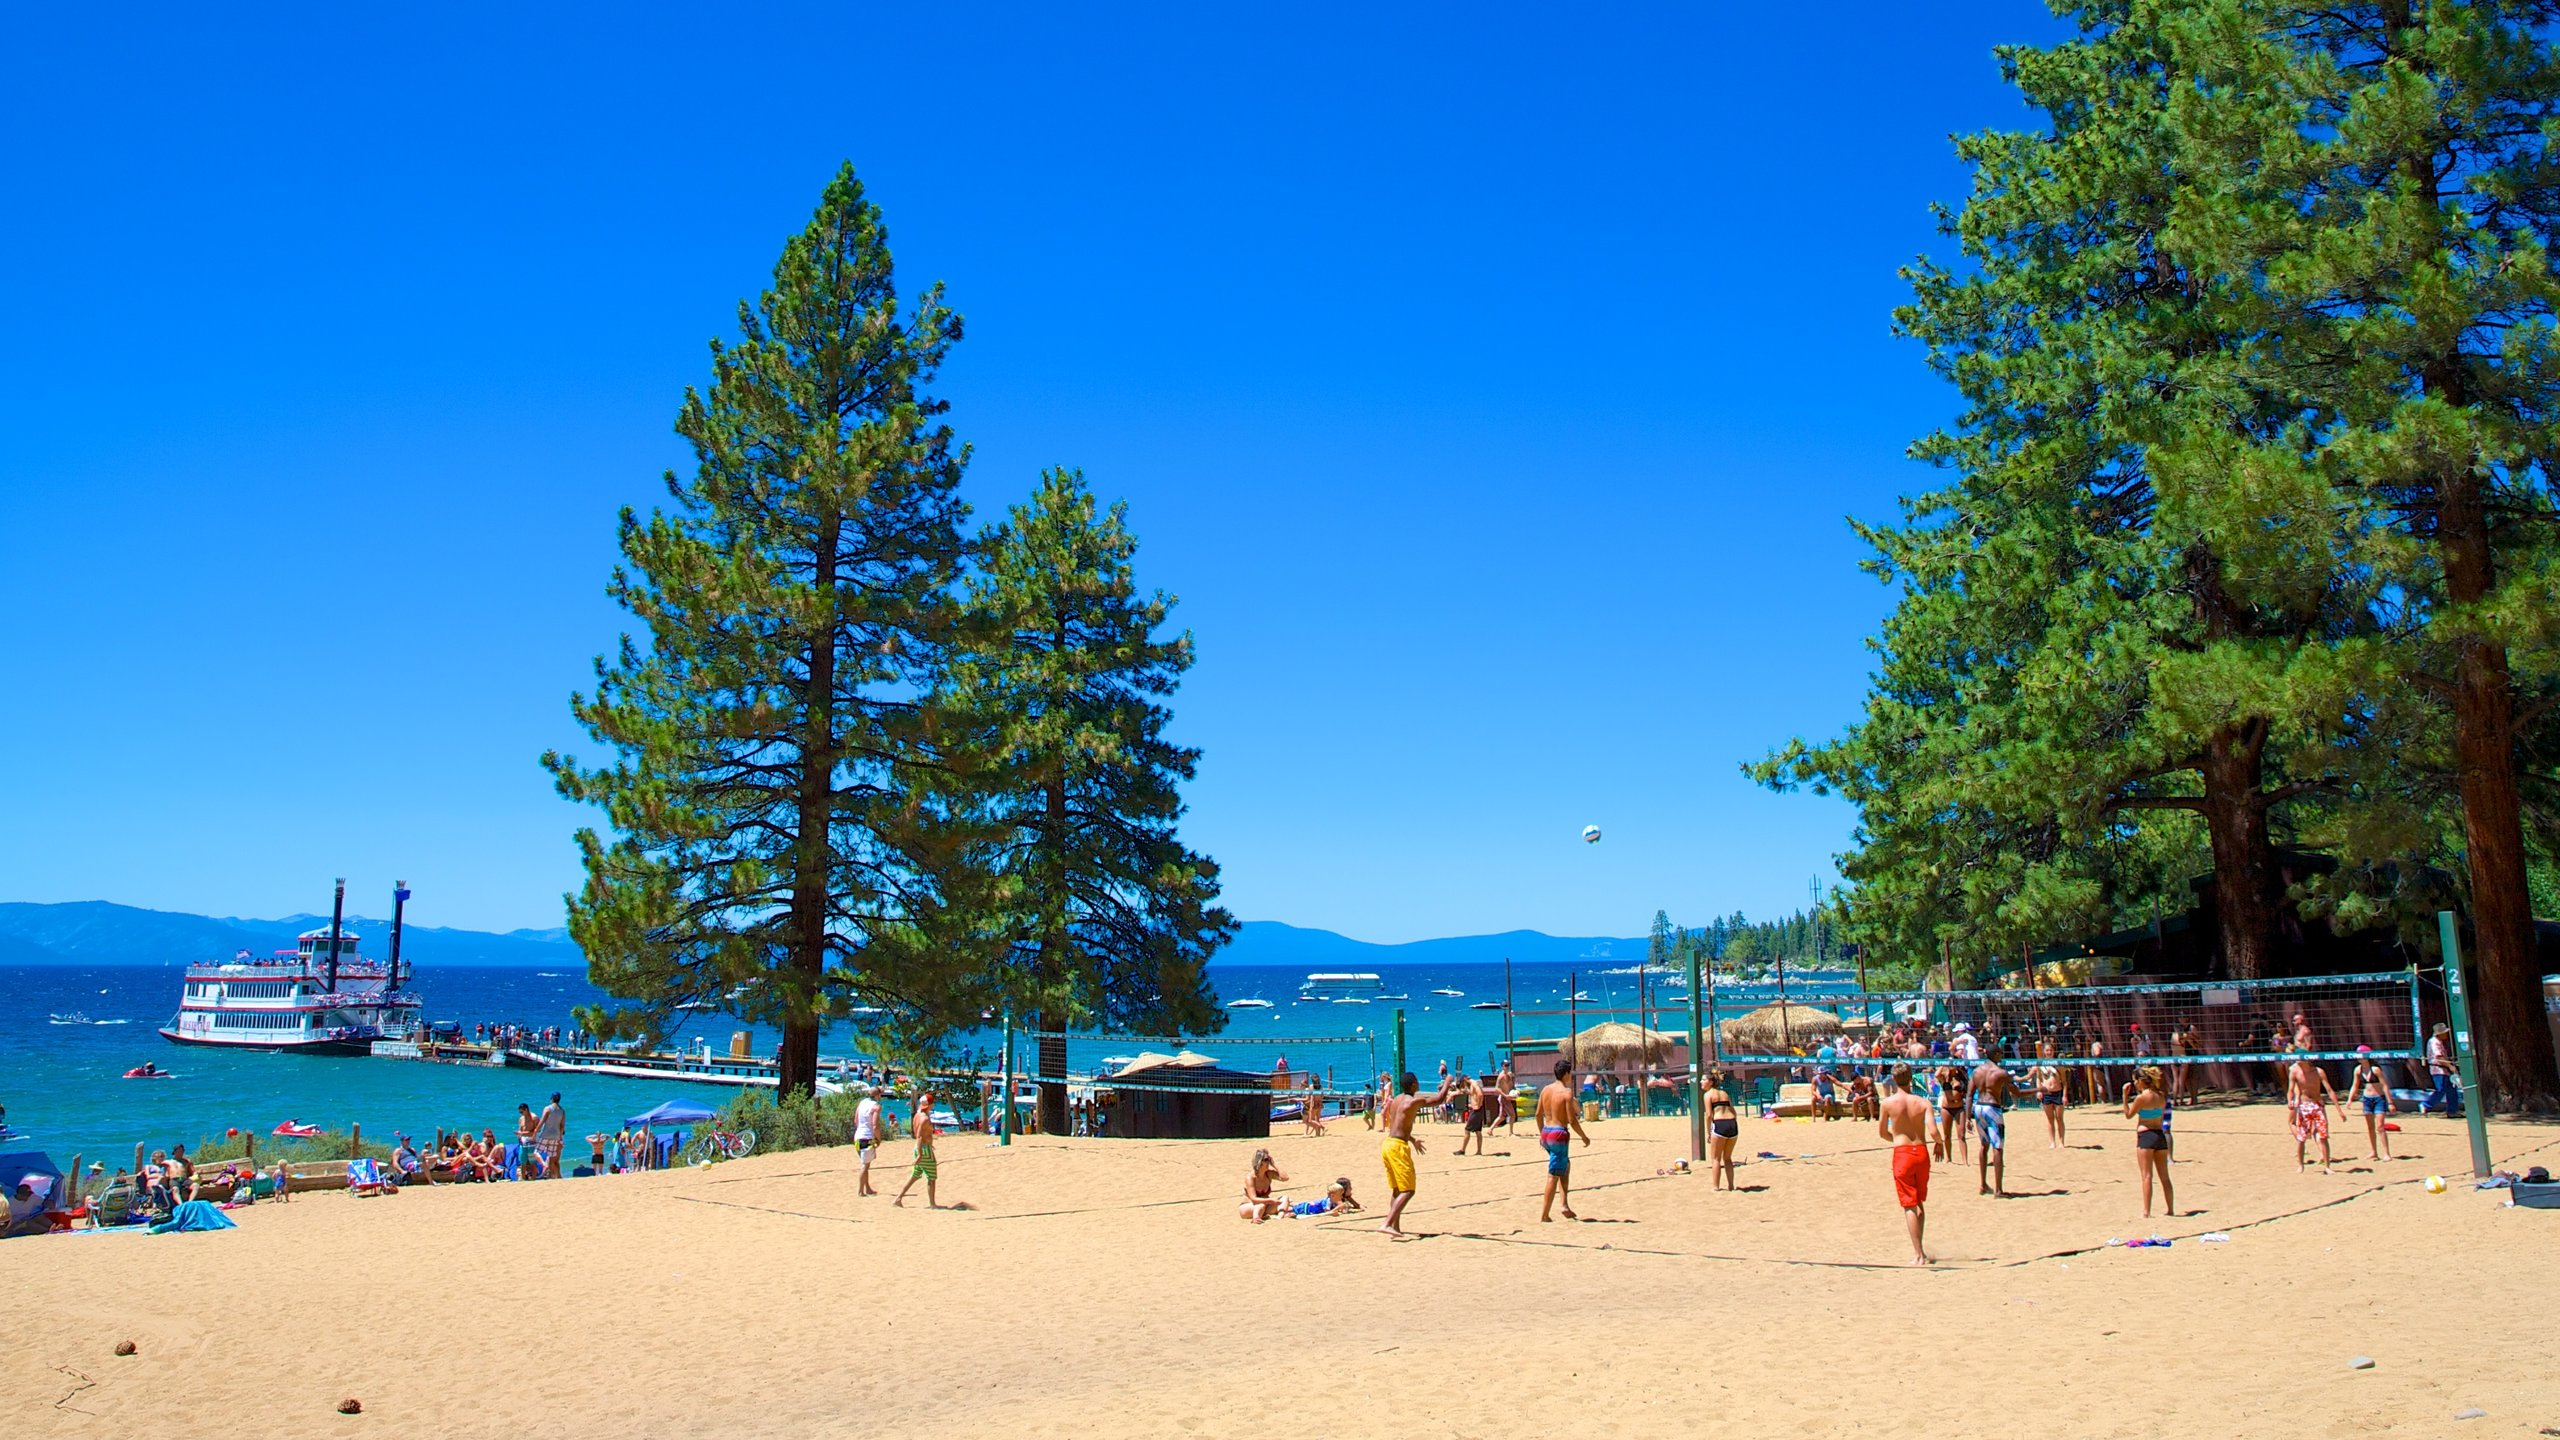 Zephyr Cove Beach In Lake Tahoe